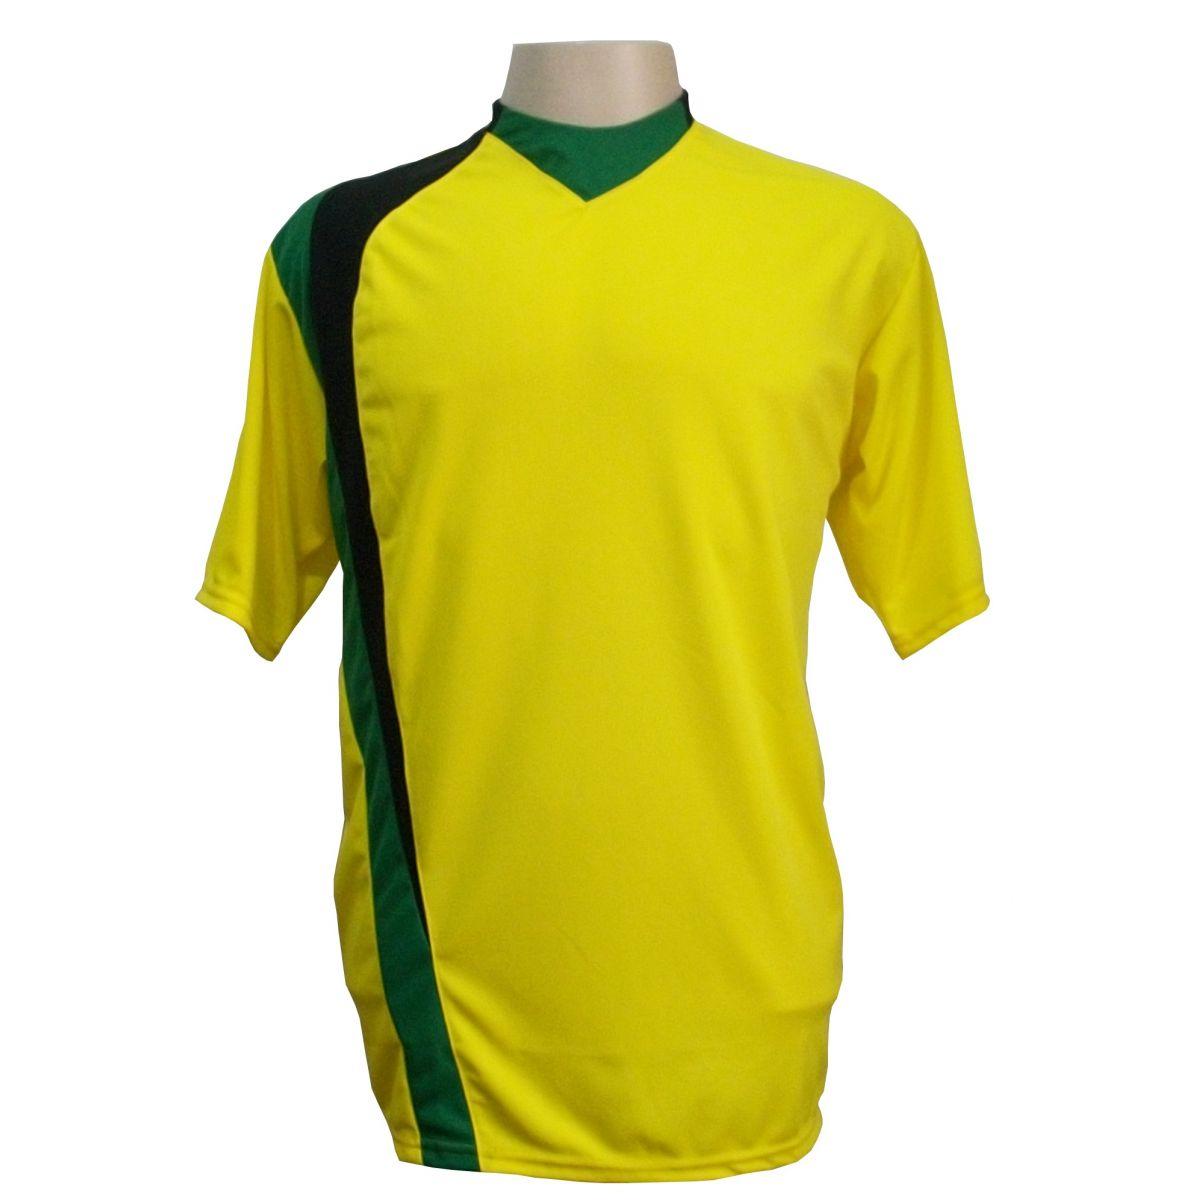 Jogo de Camisa com 14 pe�as PSG Amarelo/Preto/Verde - Frete Gr�tis Brasil + Brindes